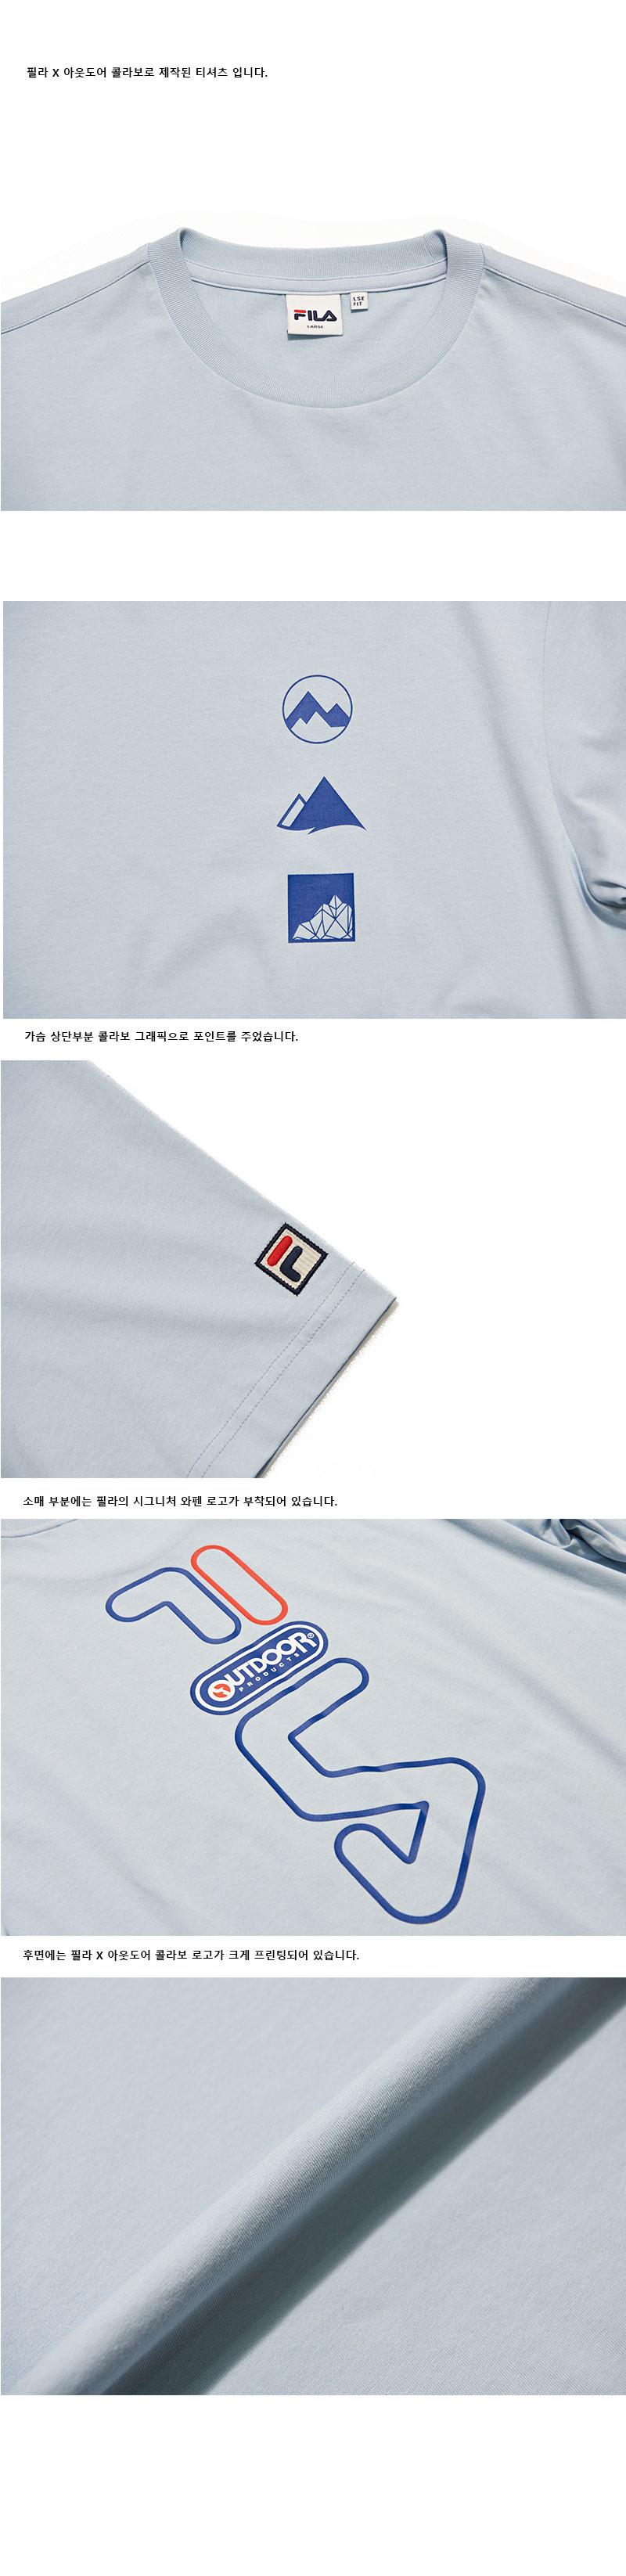 아웃도어 프로덕츠(OUTDOOR PRODUCTS) 아웃도어 x 휠라 반팔 티셔츠 ODPFILASS03